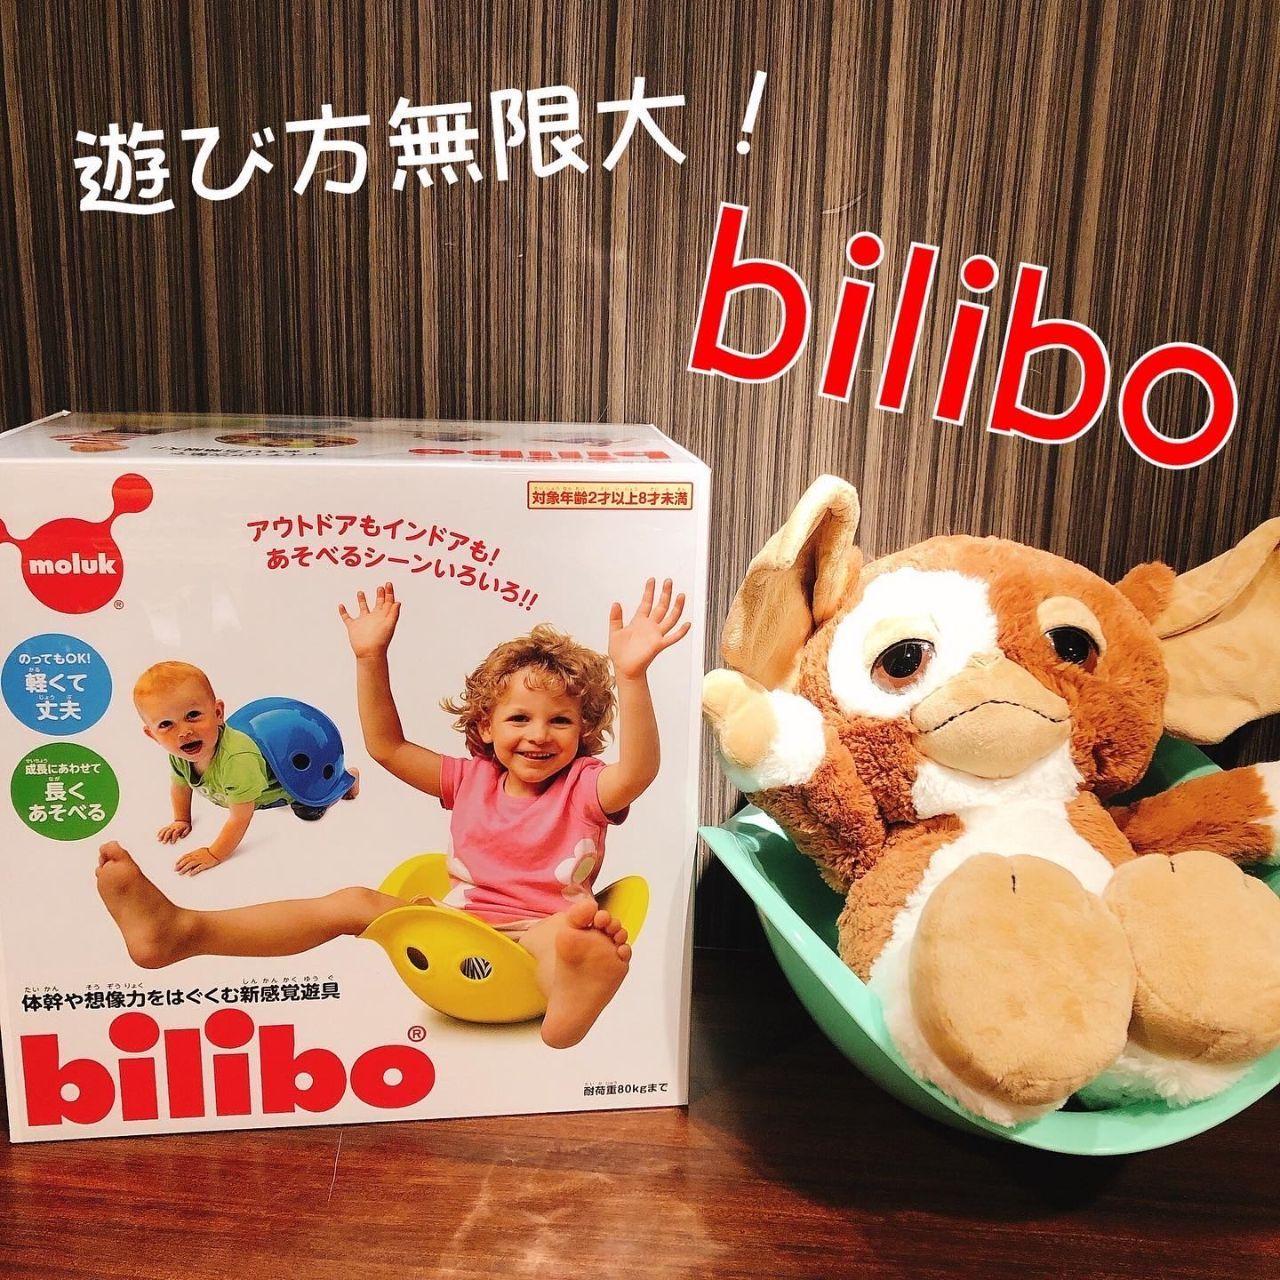 「自由に遊べる!新感覚キッズおもちゃ☆bilibo」の写真